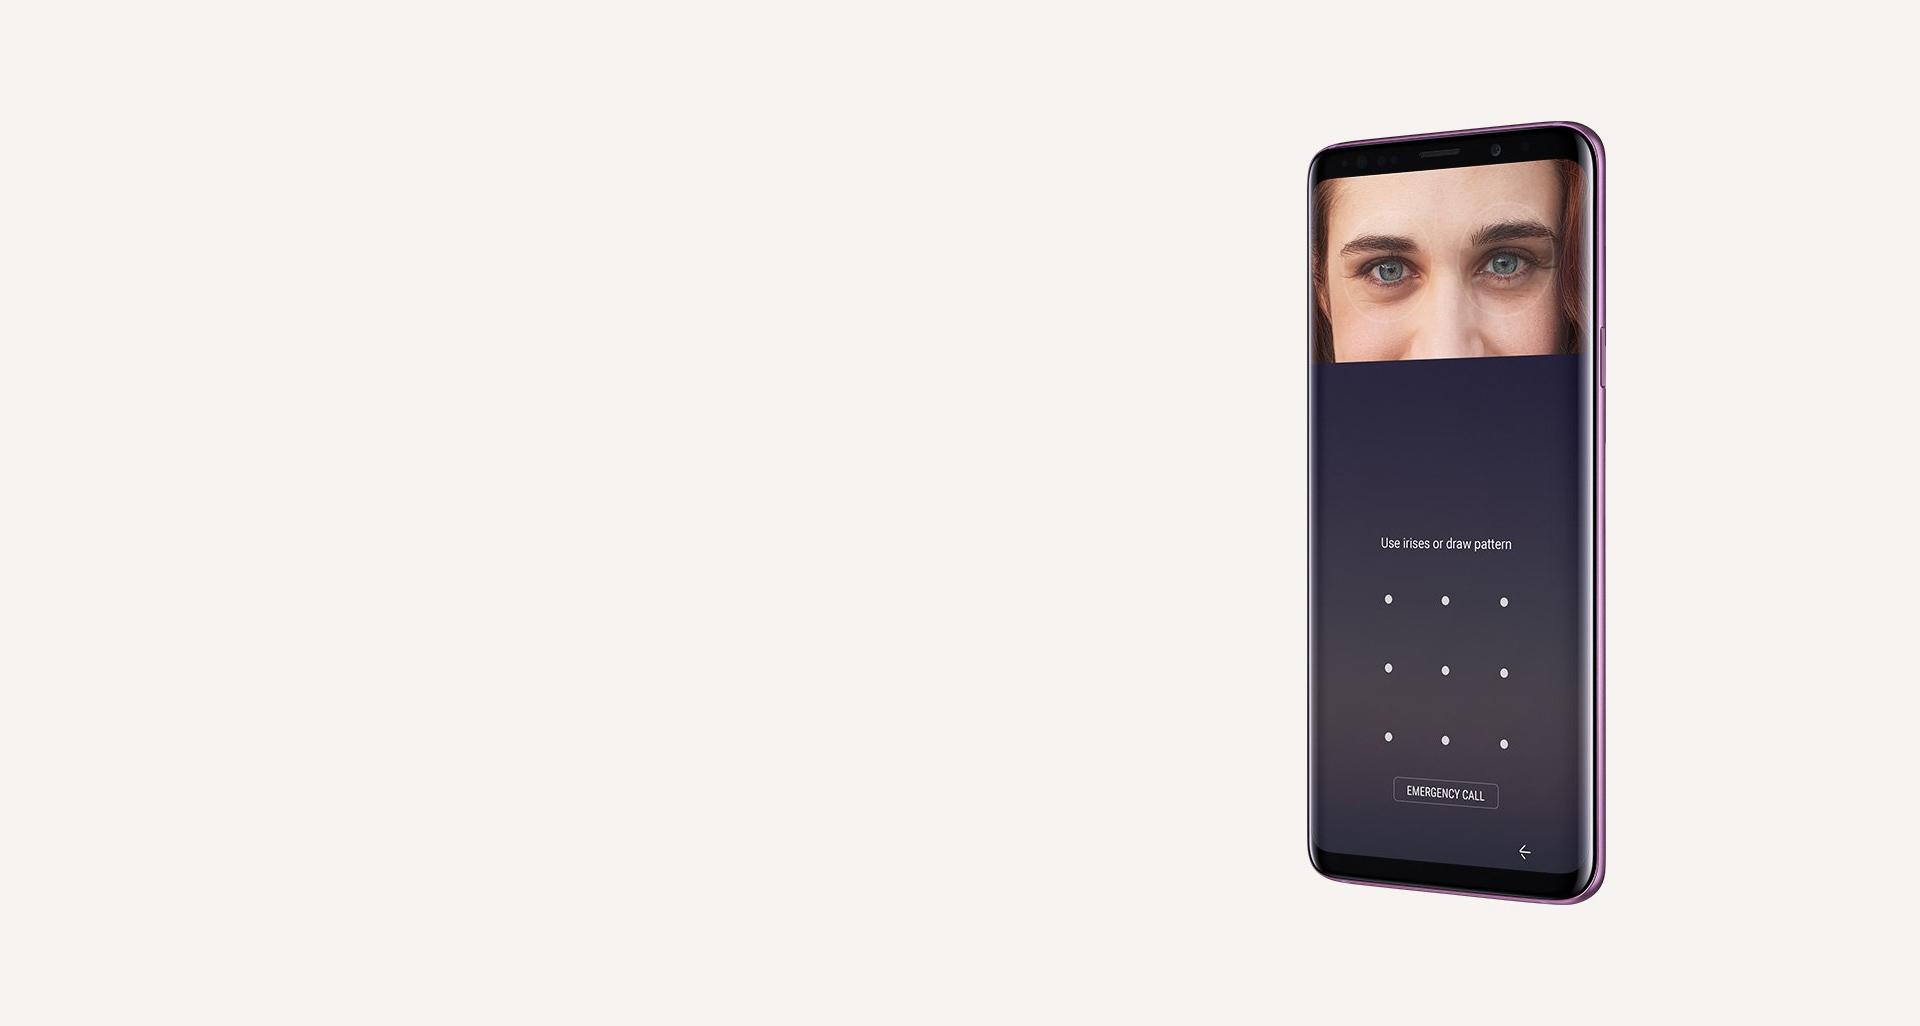 اسکن هوشمند، یک تکنولوژی جدید در S9+ سامسونگ